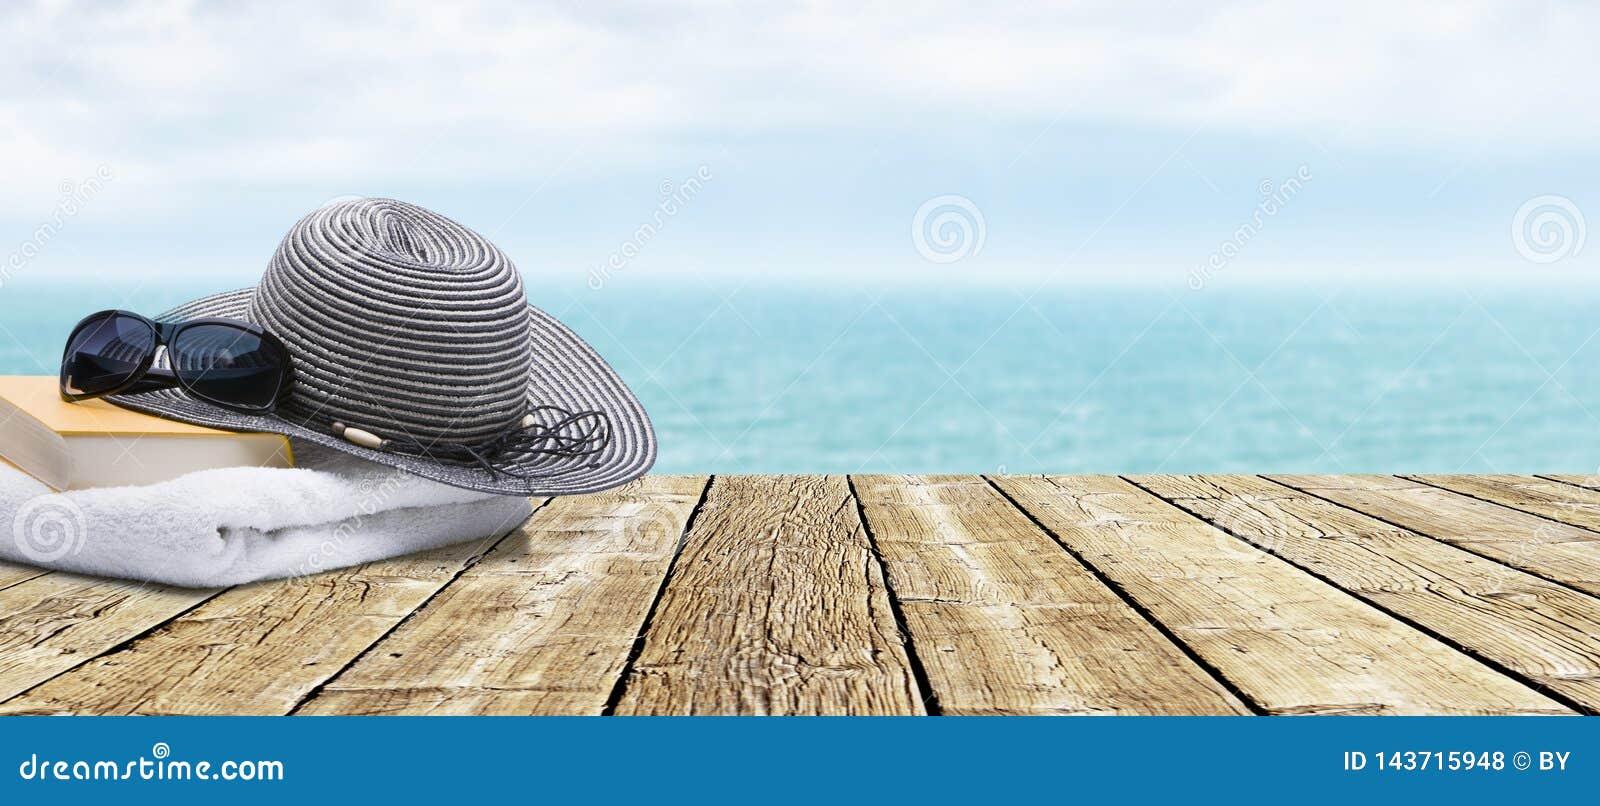 Terrasse in Ozean